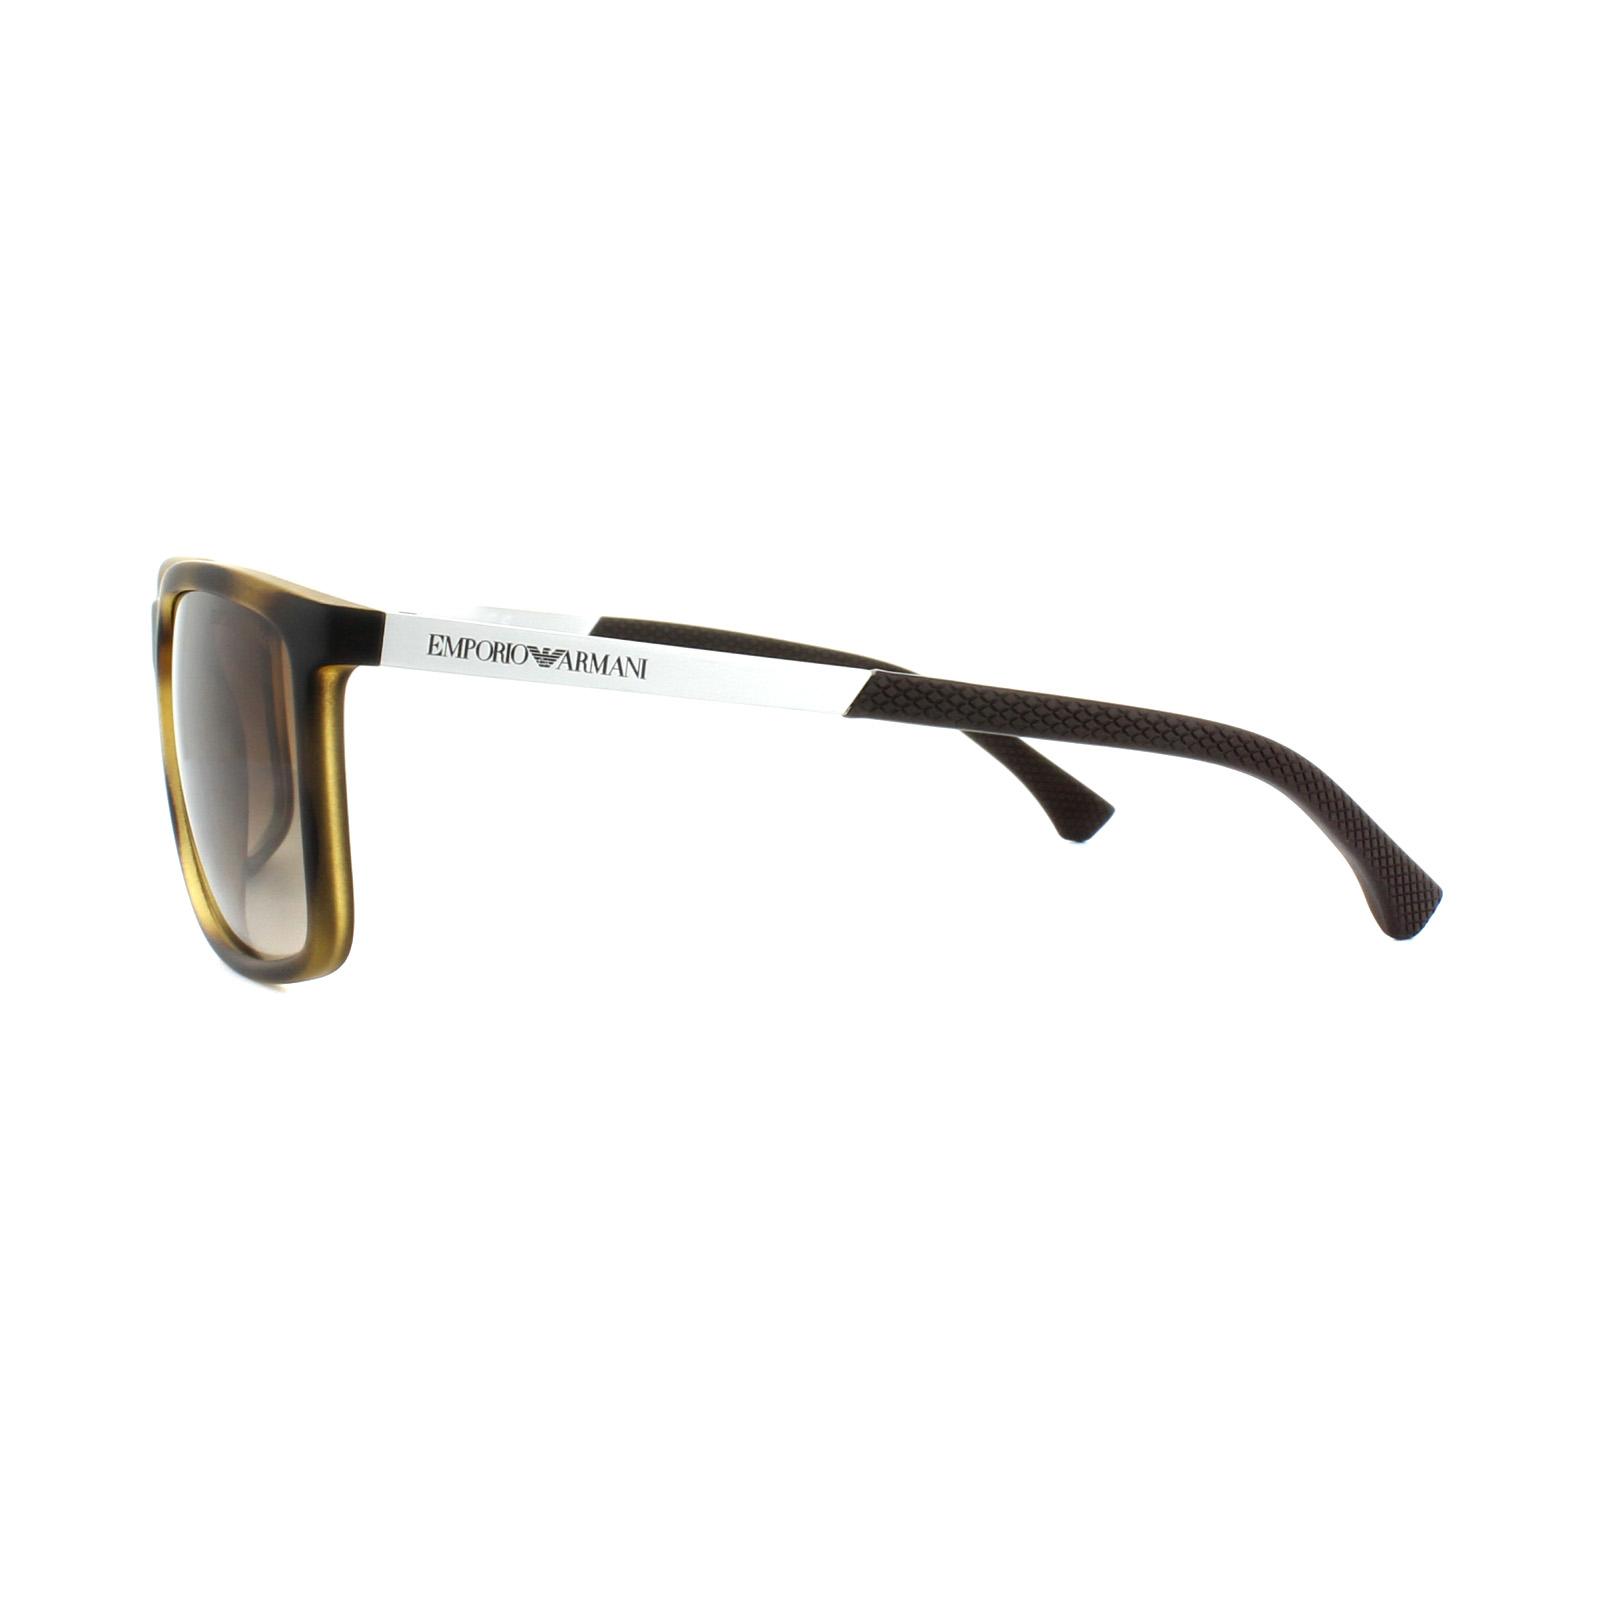 6e48260dbd7 Cheap Emporio Armani EA4097 Sunglasses - Discounted Sunglasses